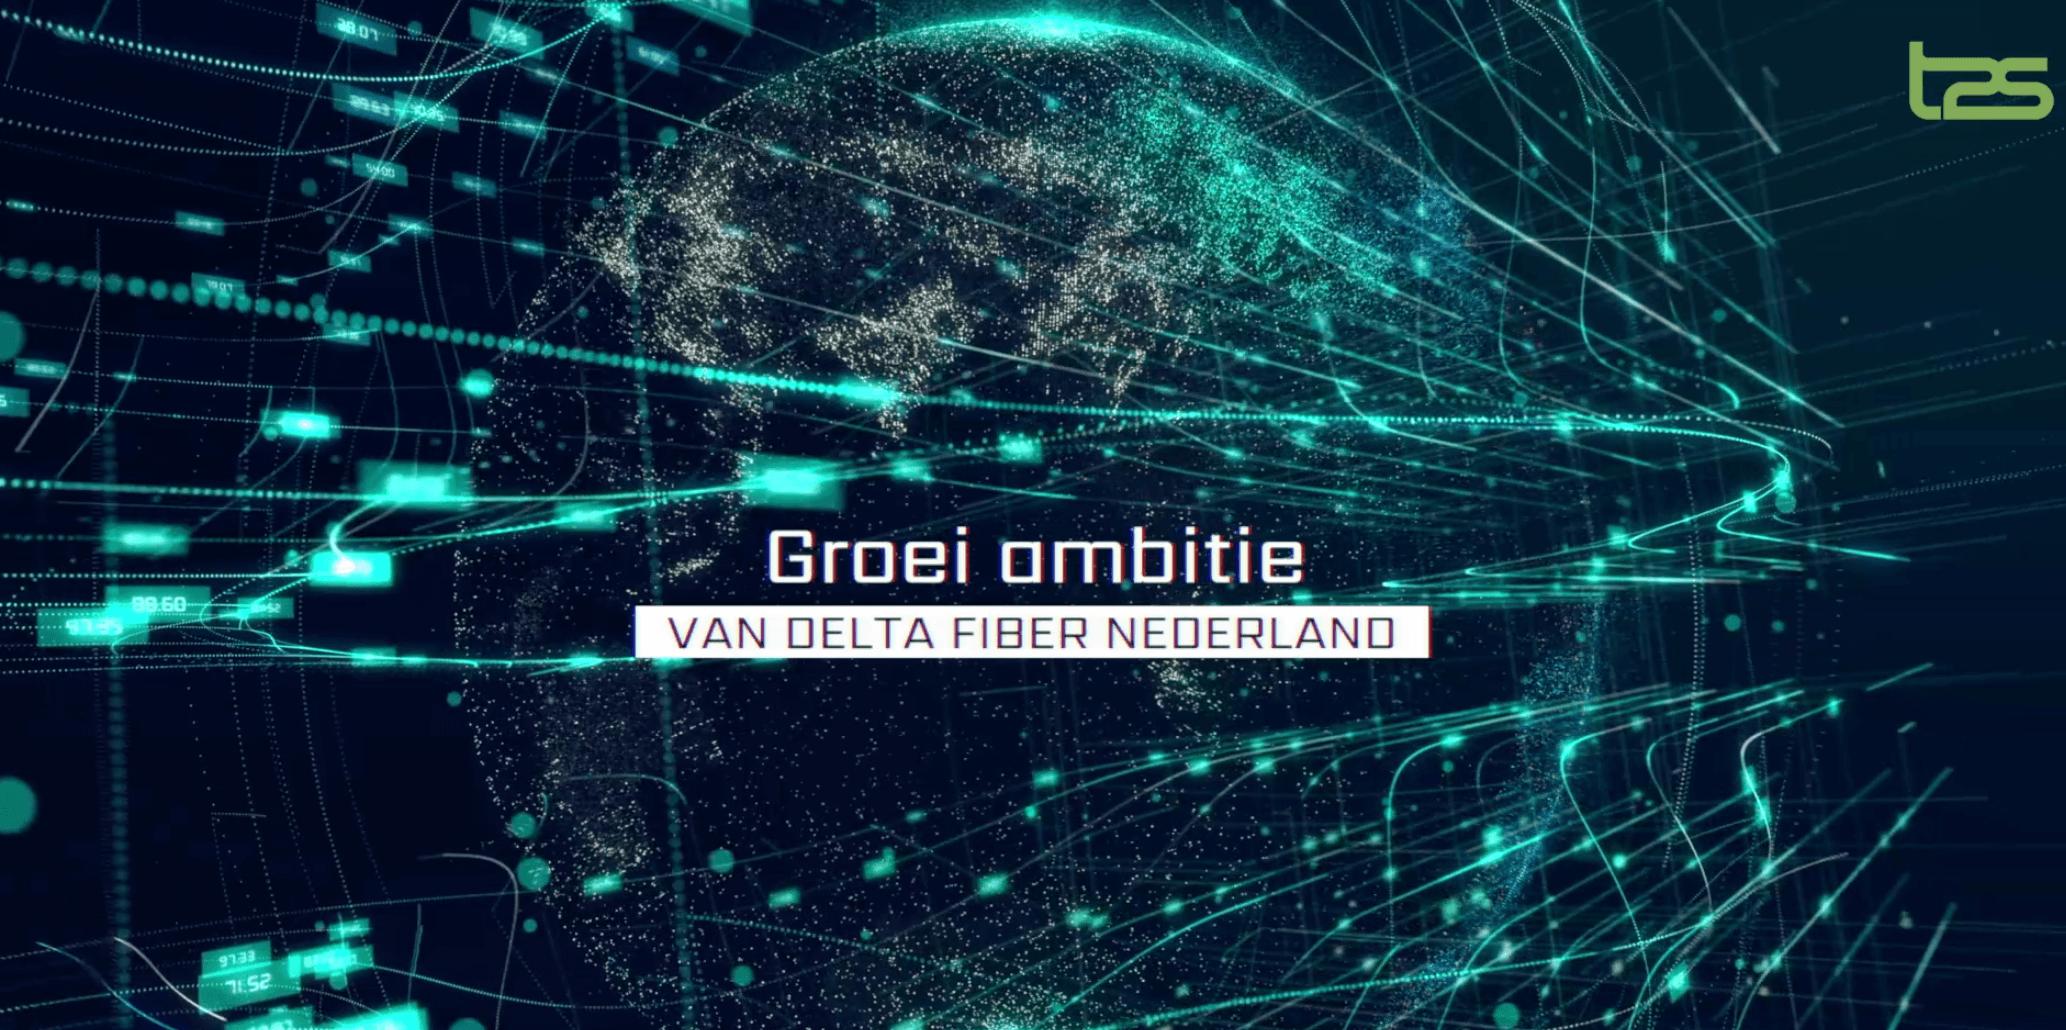 groei ambitie Delta Fiber T2S datamigratie